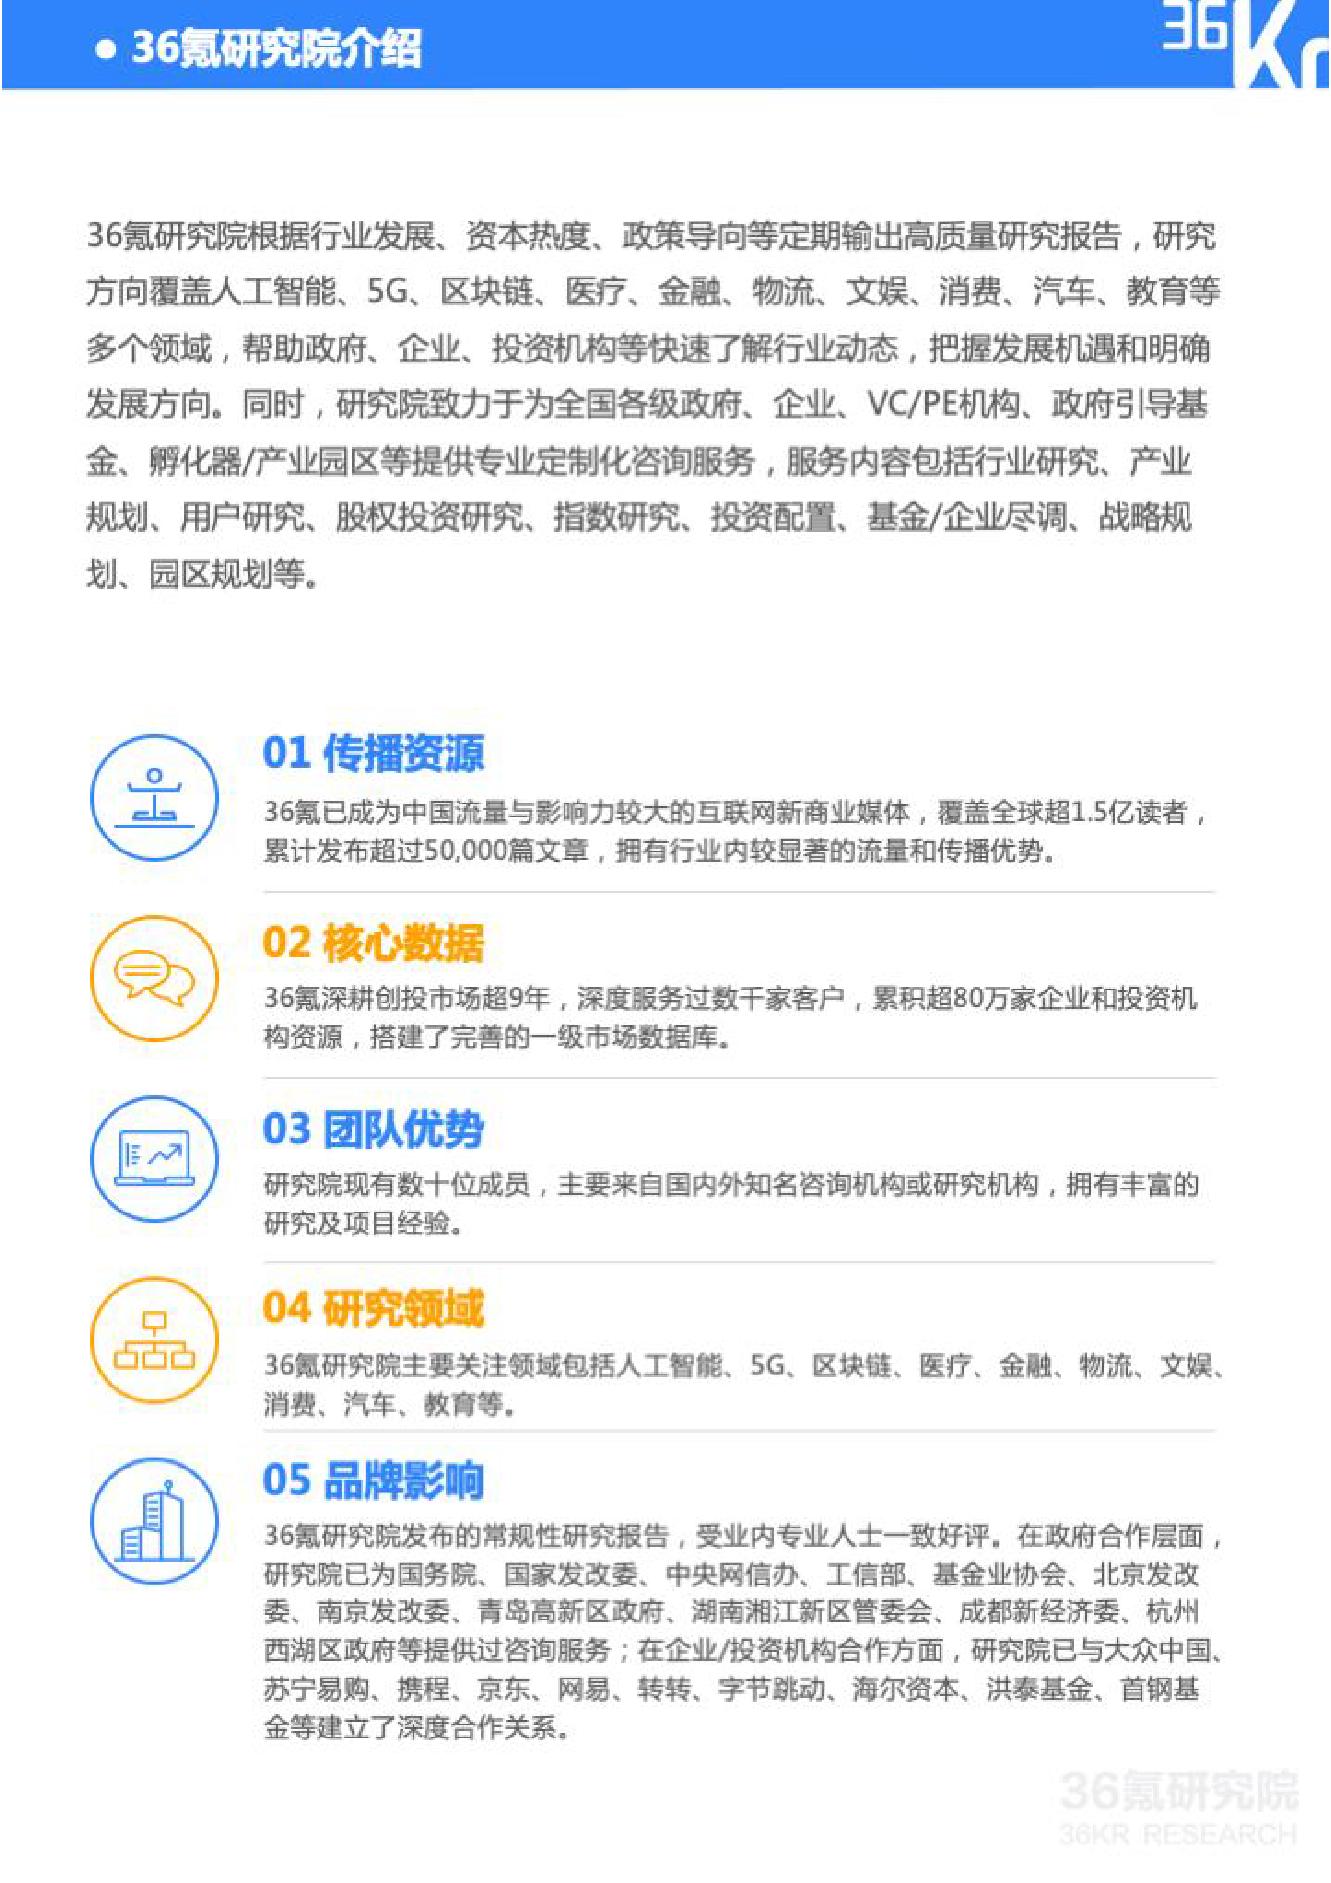 36氪研究院:2020年中国城市人工智能发展指数报告(可下载报告)插图(95)